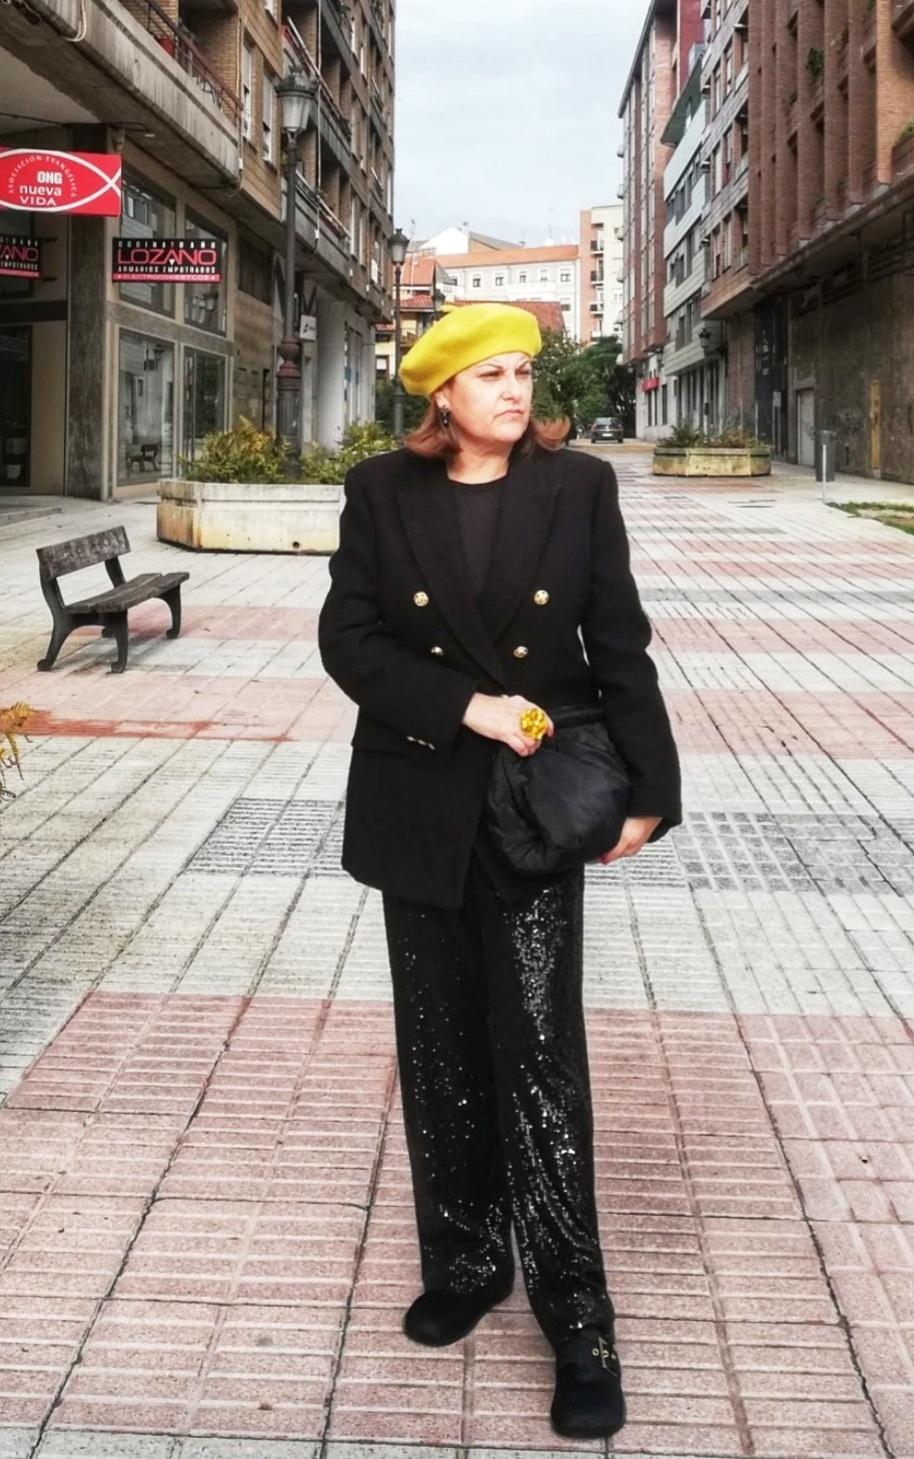 abuela a la ultima con boina amarilla y vestida de negro